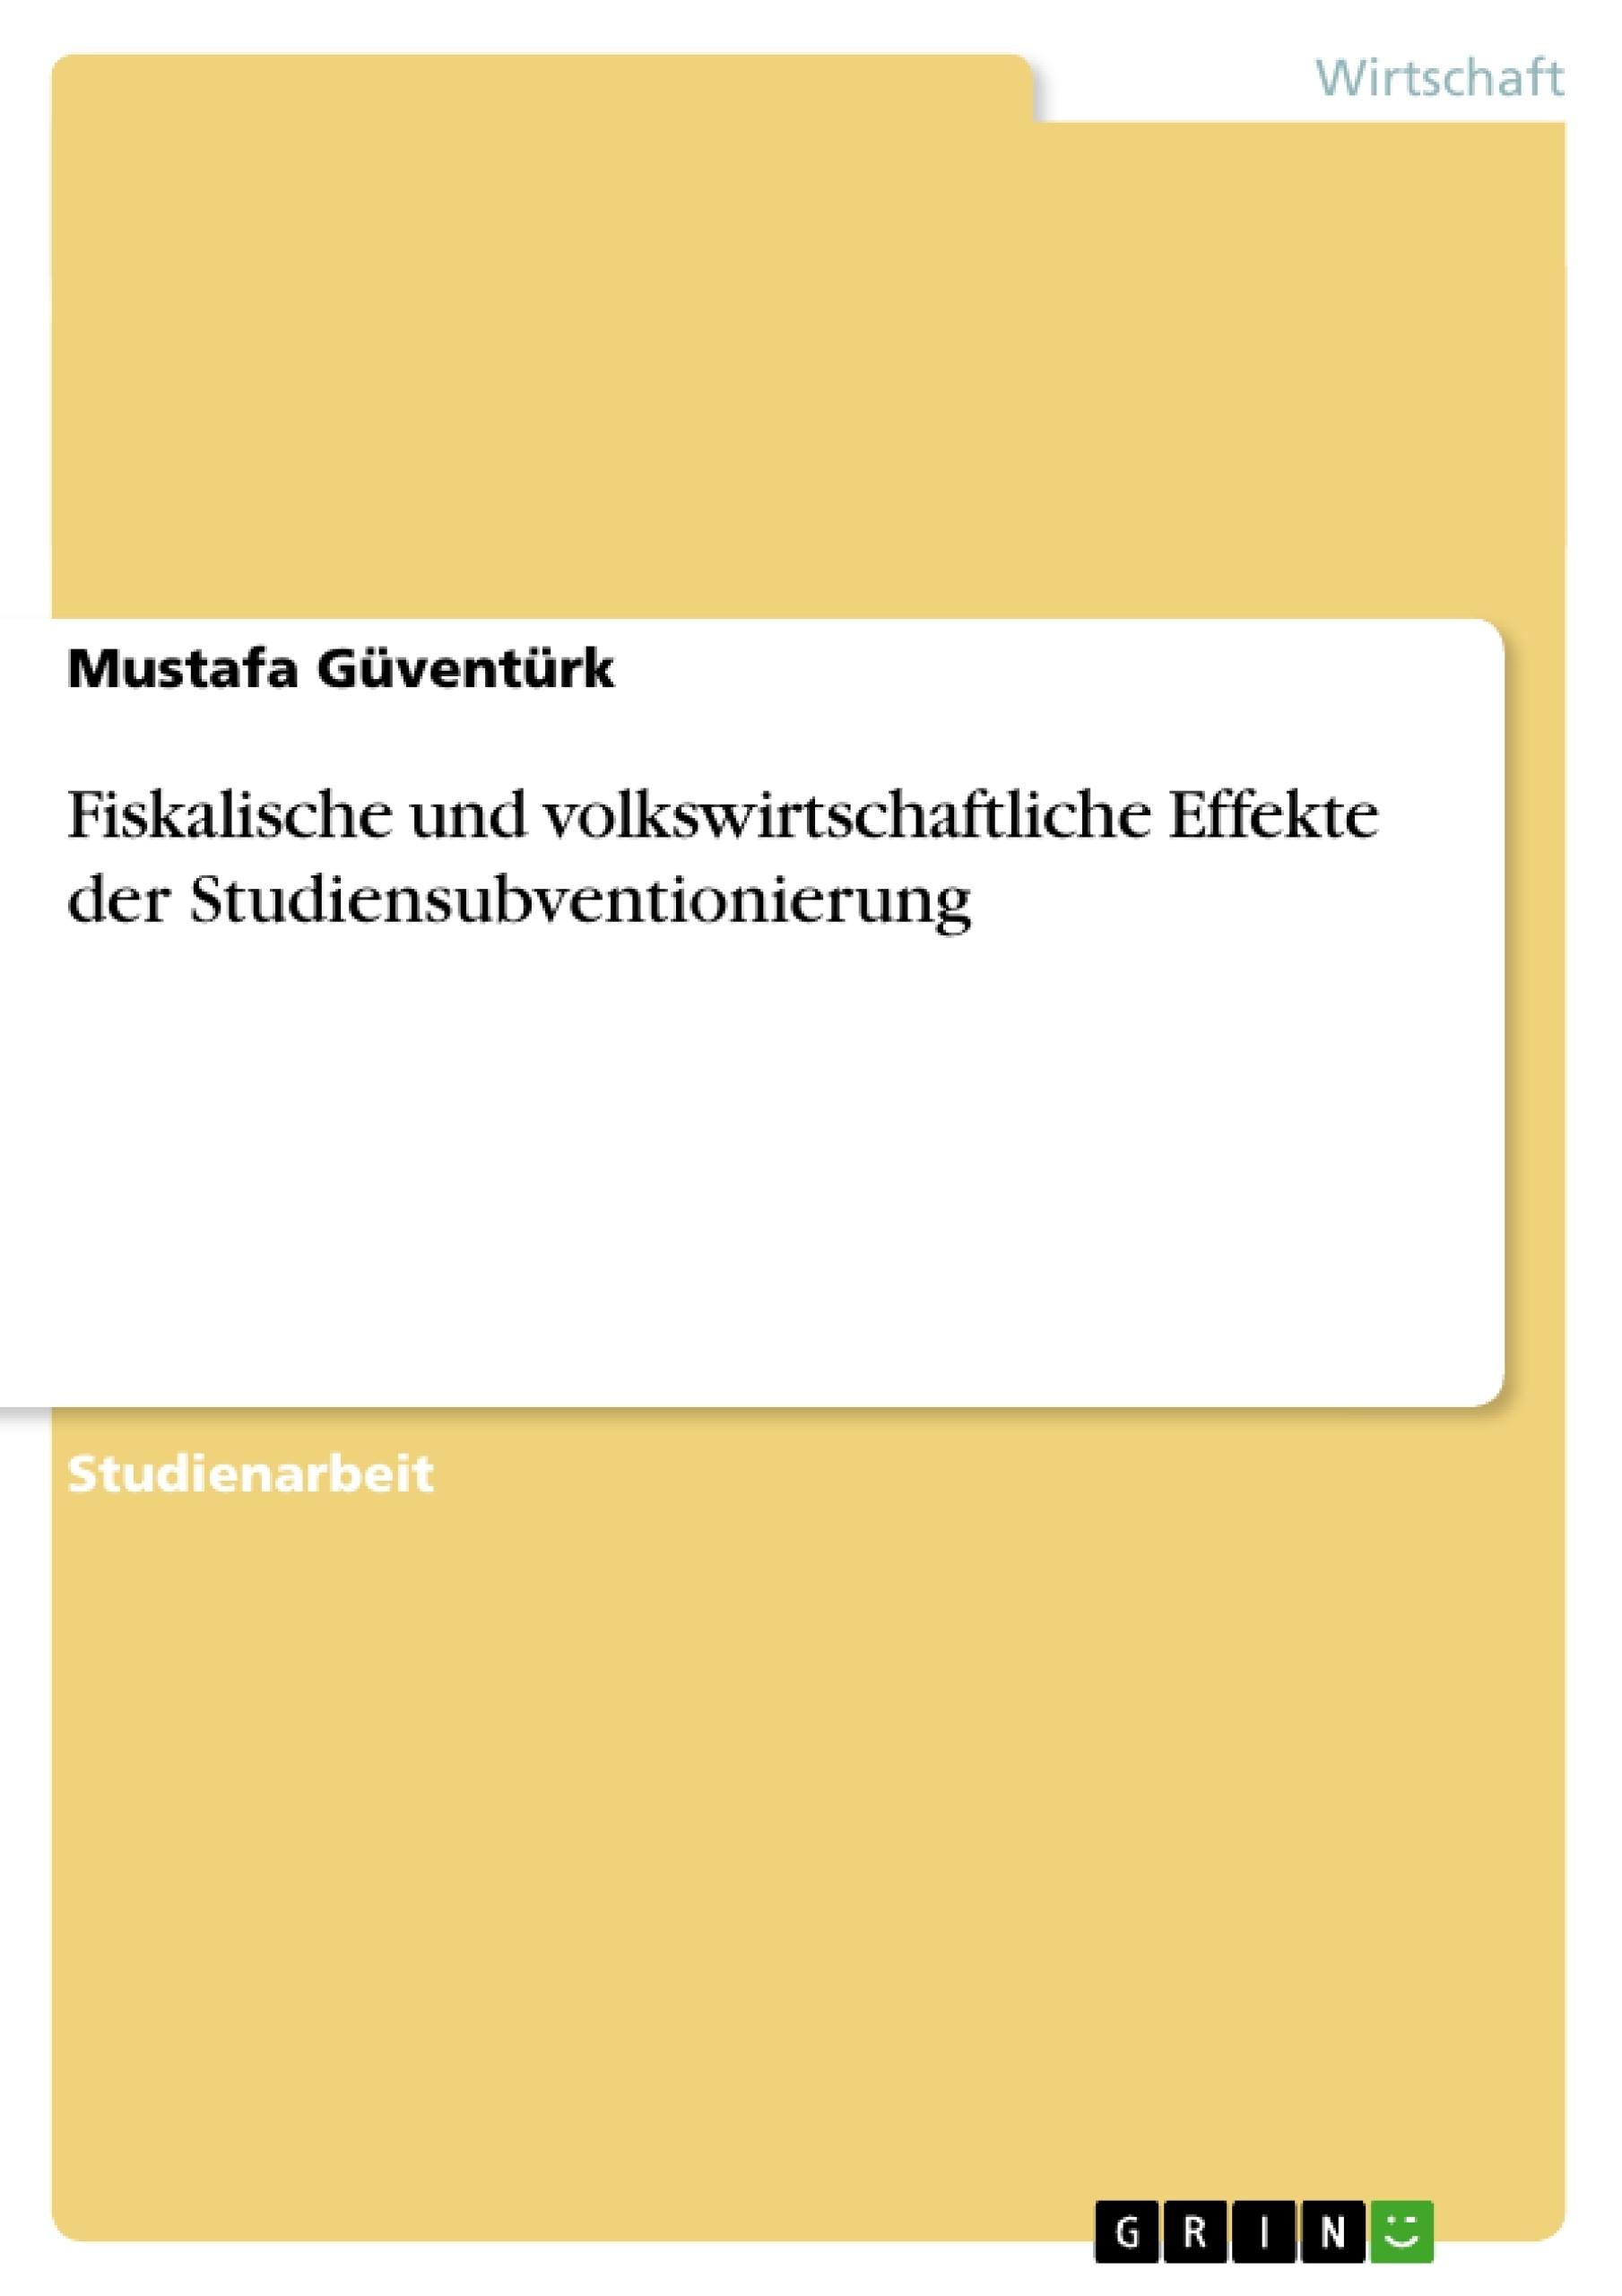 Titel: Fiskalische und volkswirtschaftliche Effekte der Studiensubventionierung